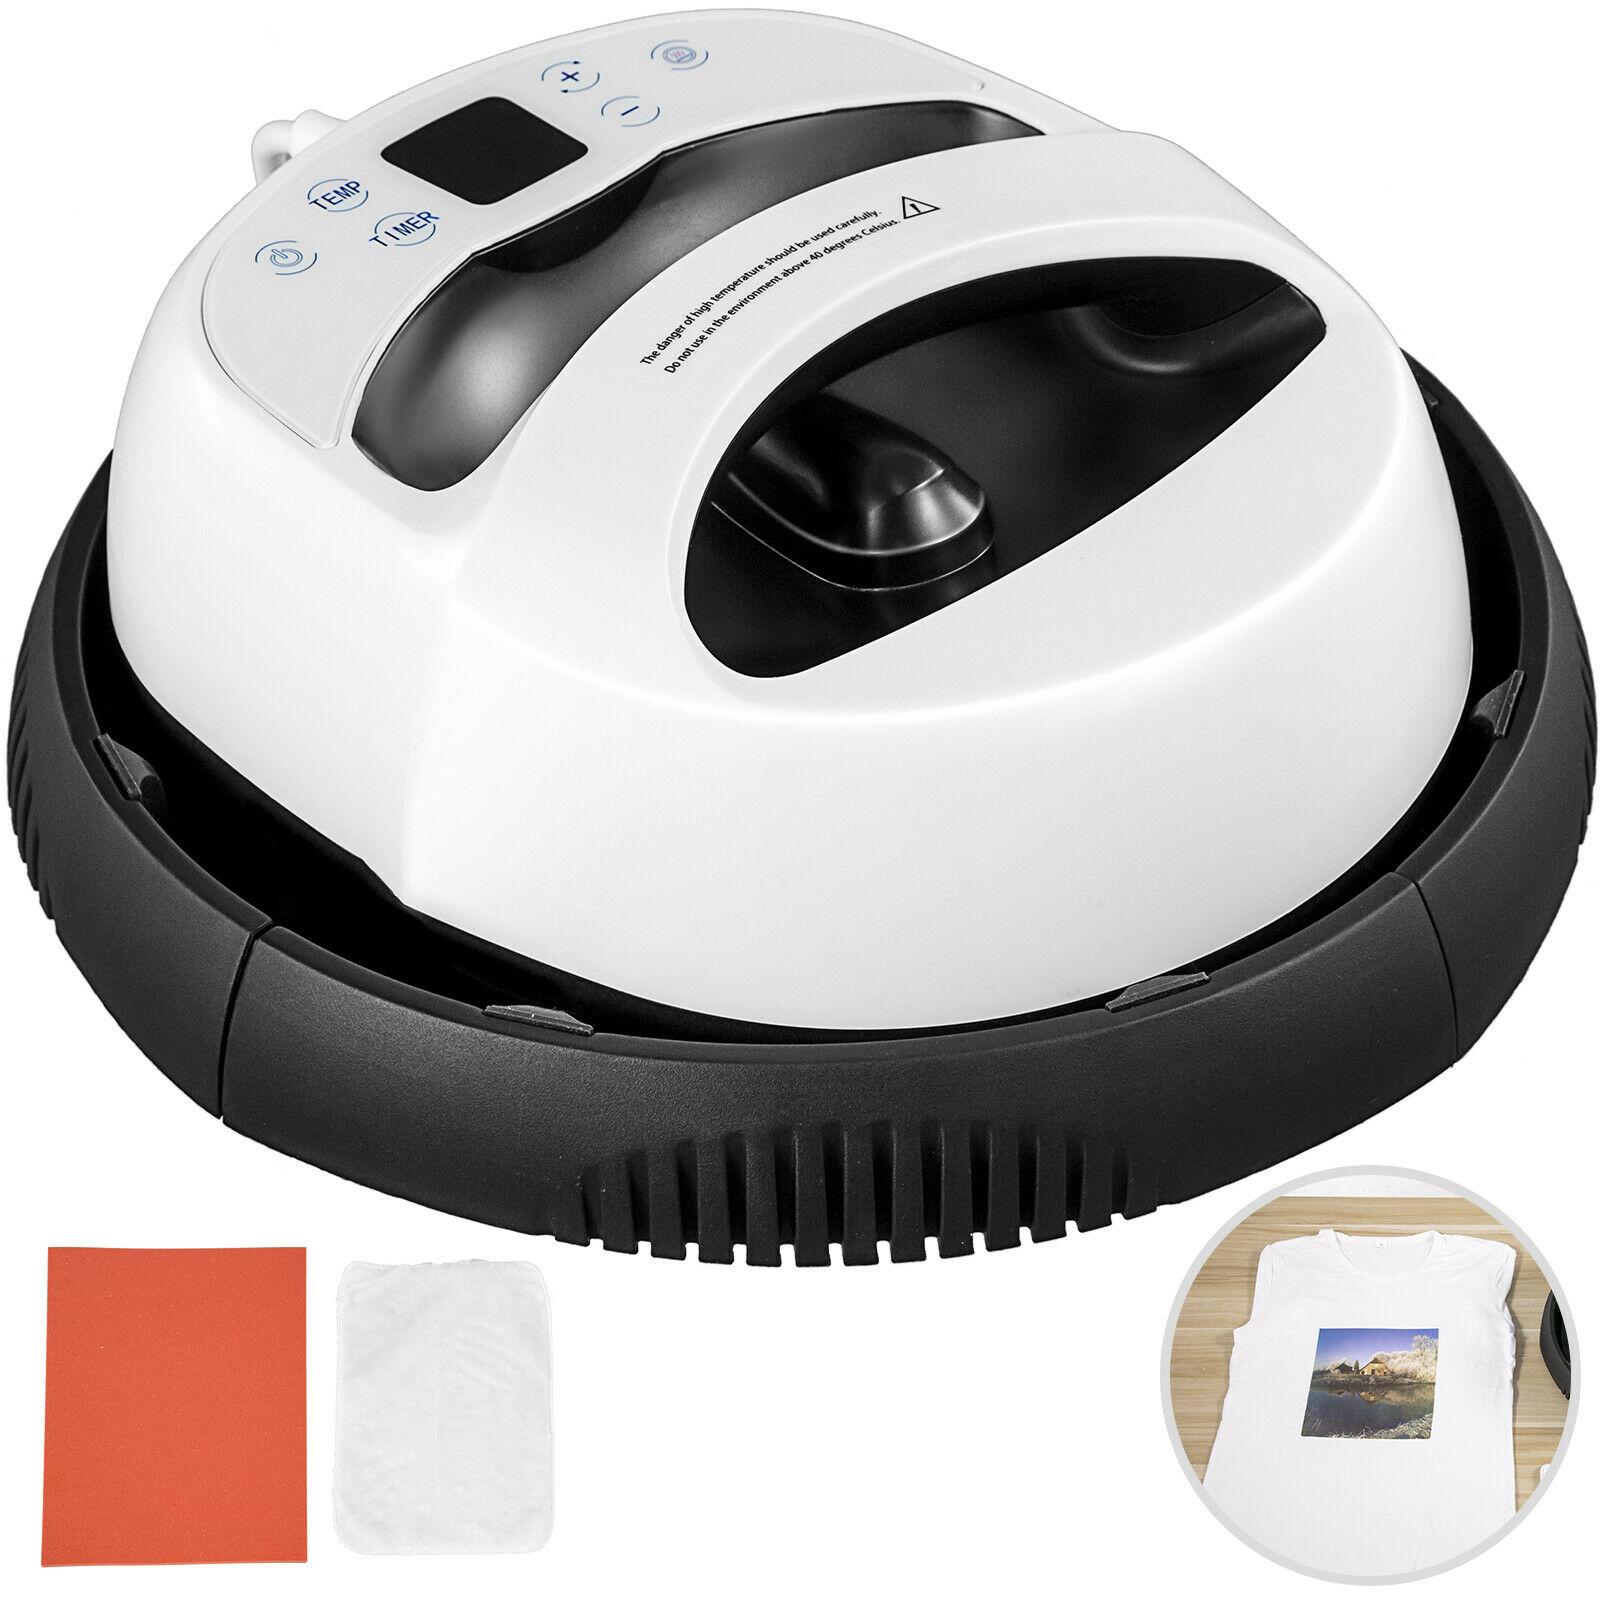 Heat Press 12x10 Inch Portable Digital Machine T Shirts Easy Mini Press Kit